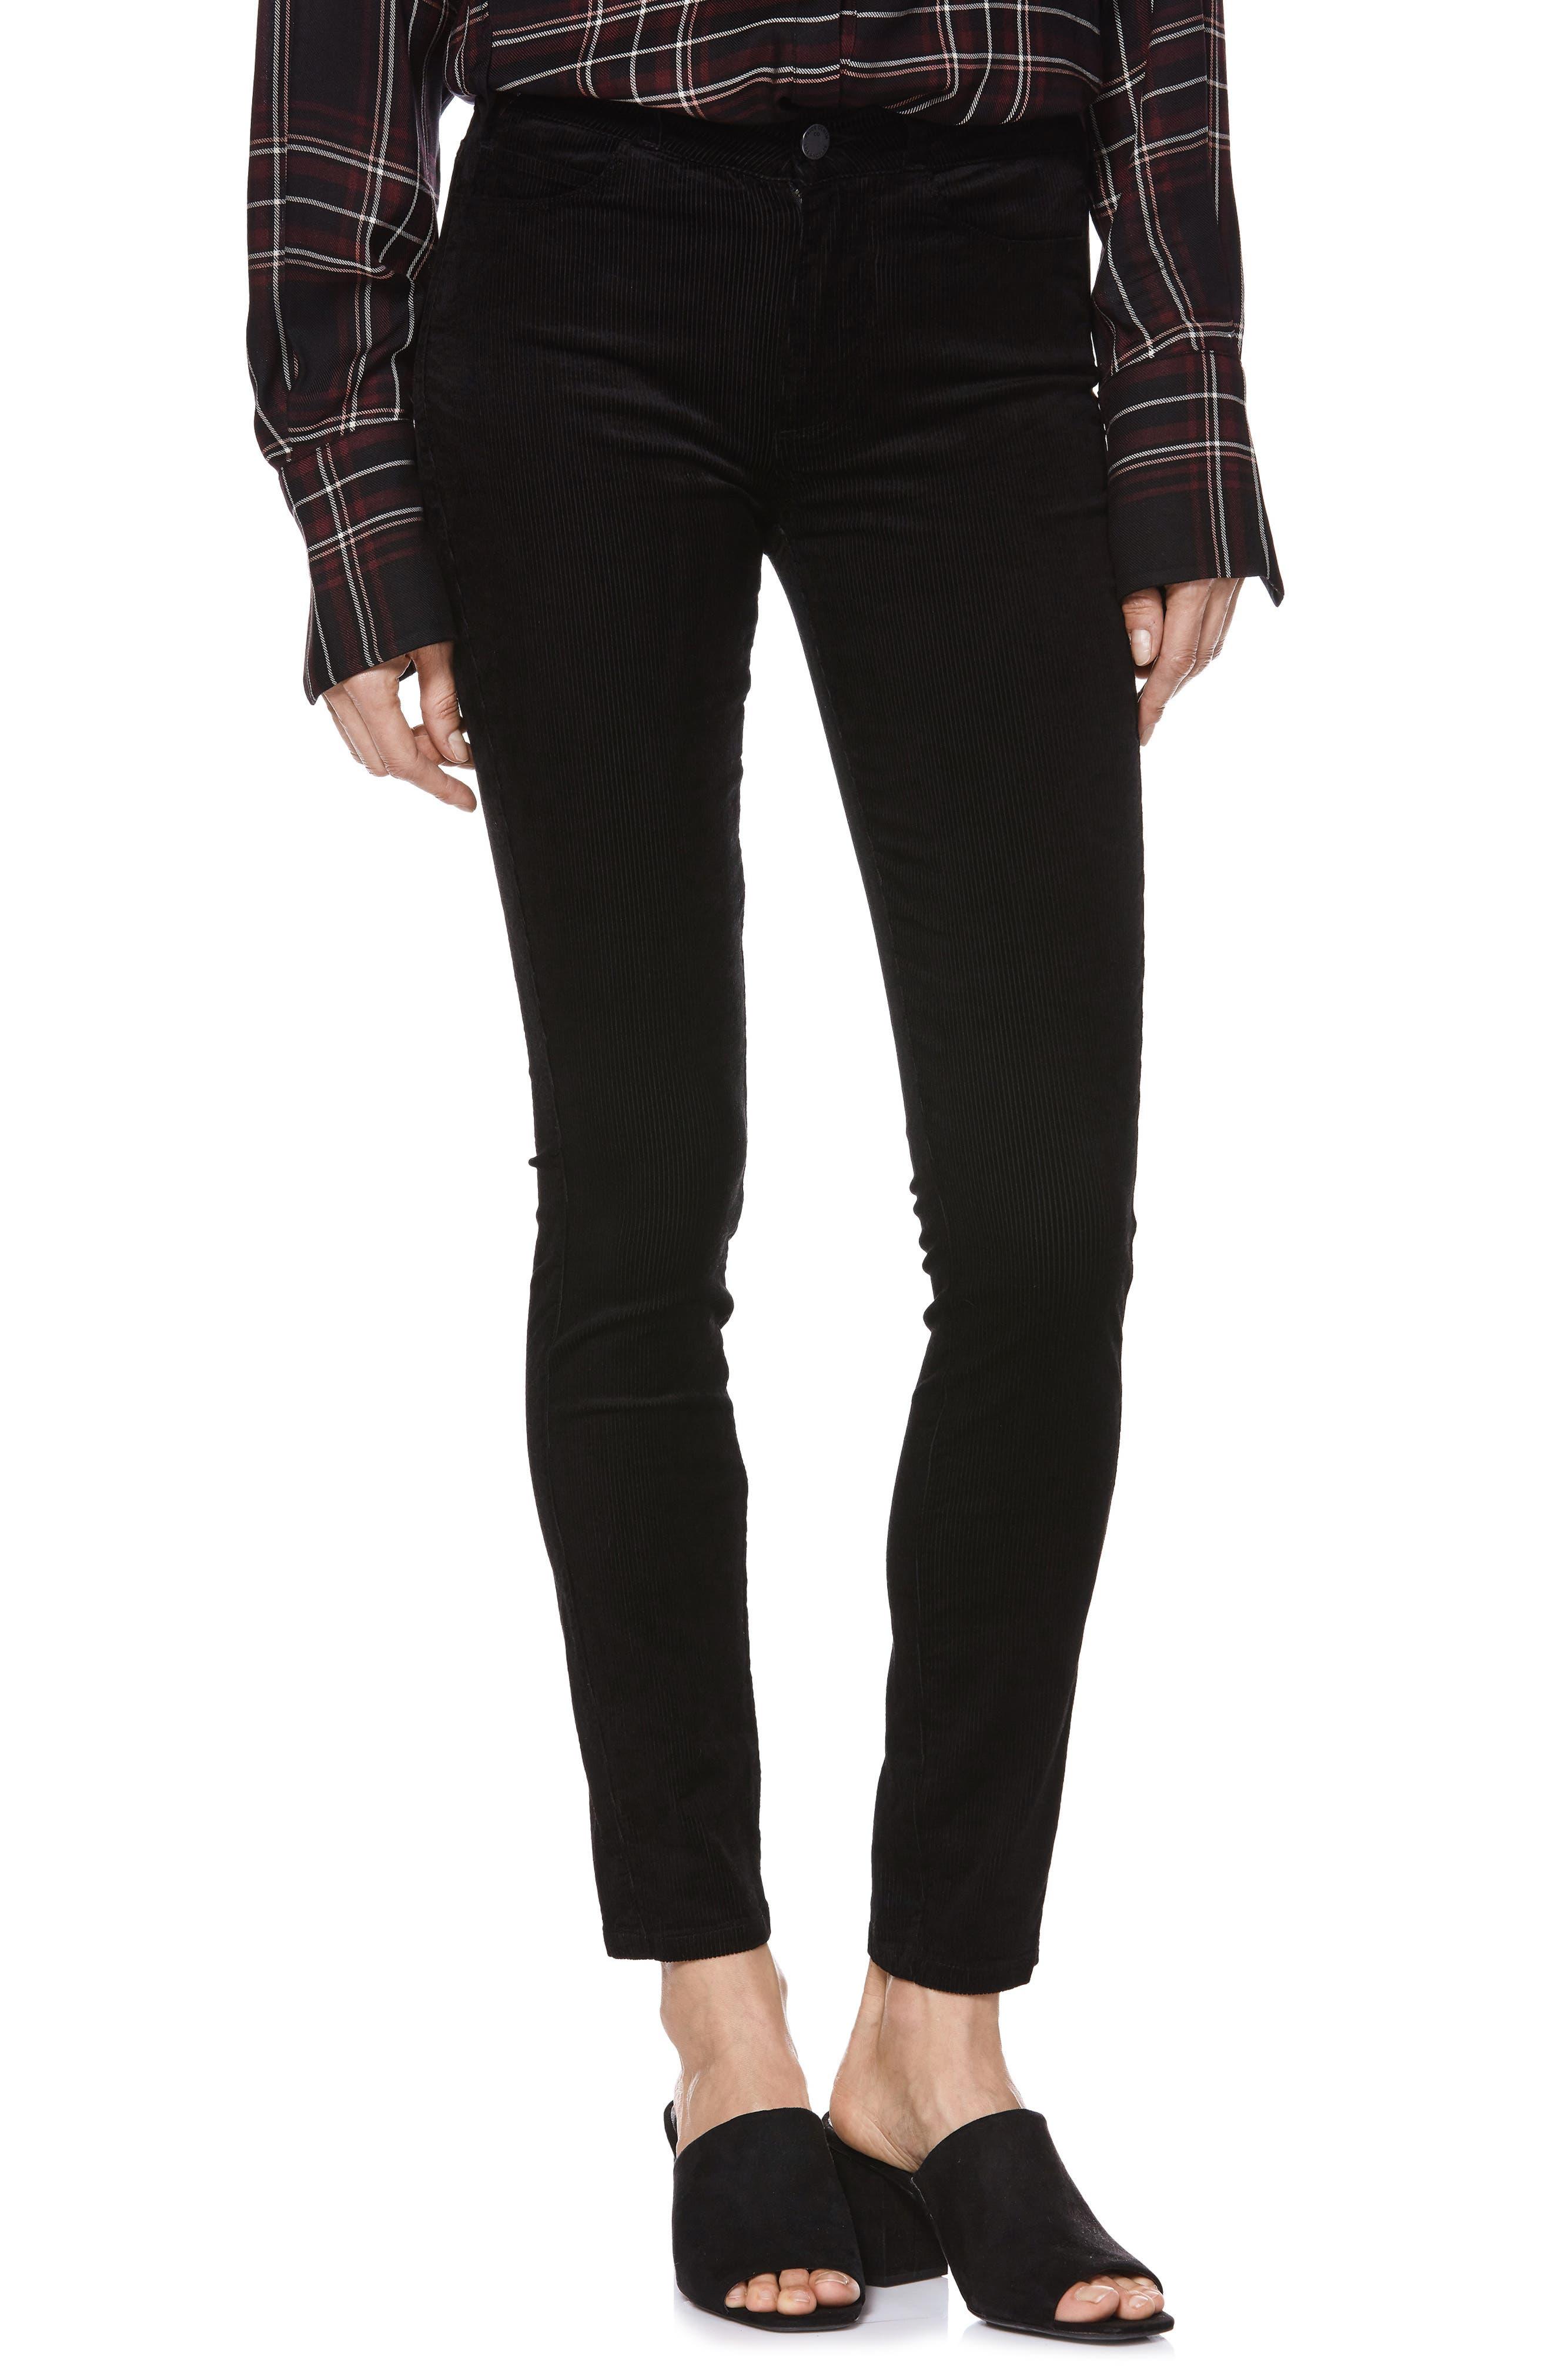 Transcend - Hoxton High Waist Ultra Skinny Jeans,                             Main thumbnail 1, color,                             BLACK VELVET CORD